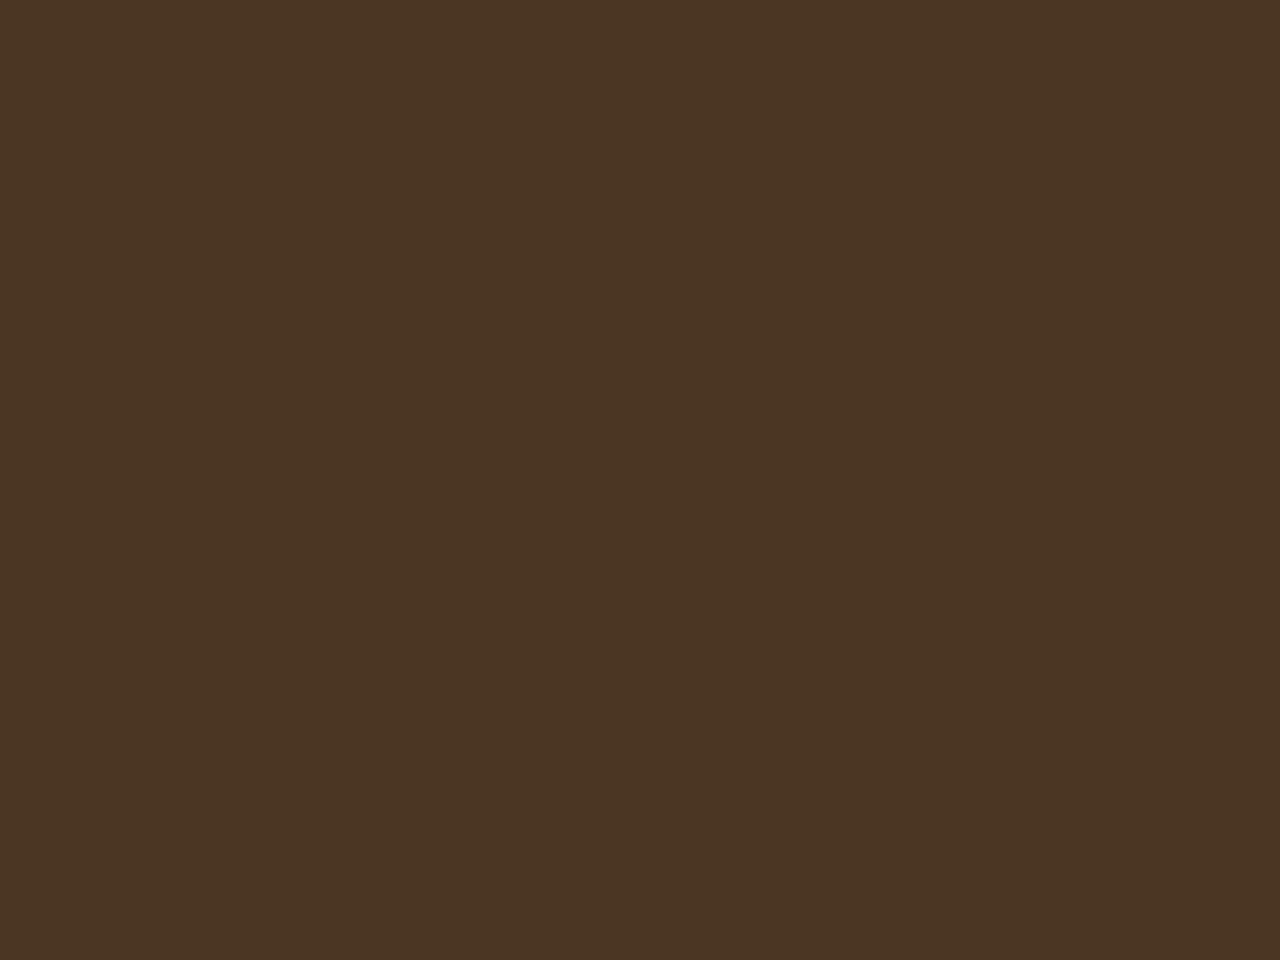 1280x960 Cafe Noir Solid Color Background